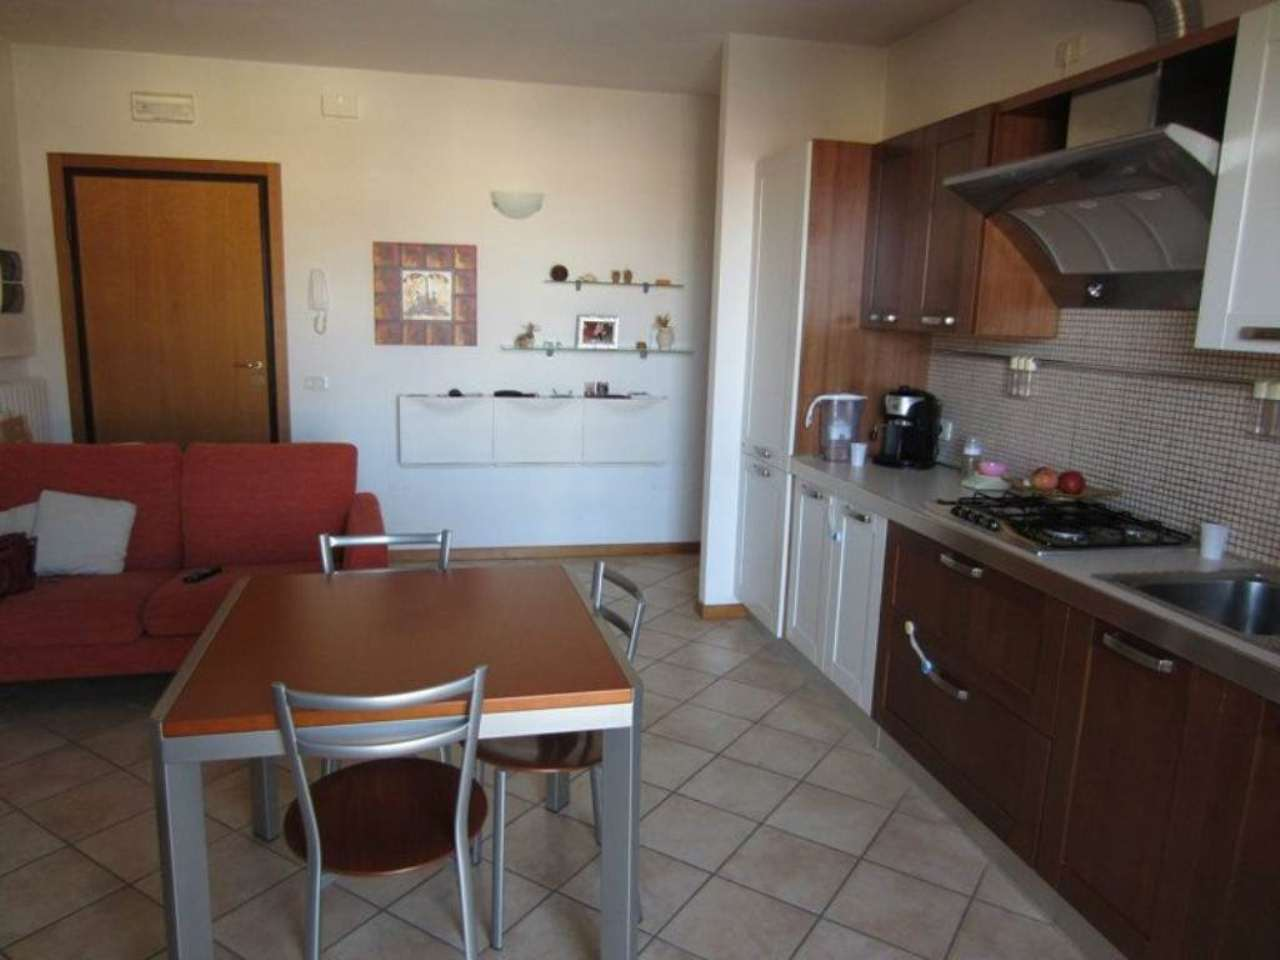 Appartamento in vendita a Vallefoglia, 2 locali, prezzo € 95.000 | Cambio Casa.it